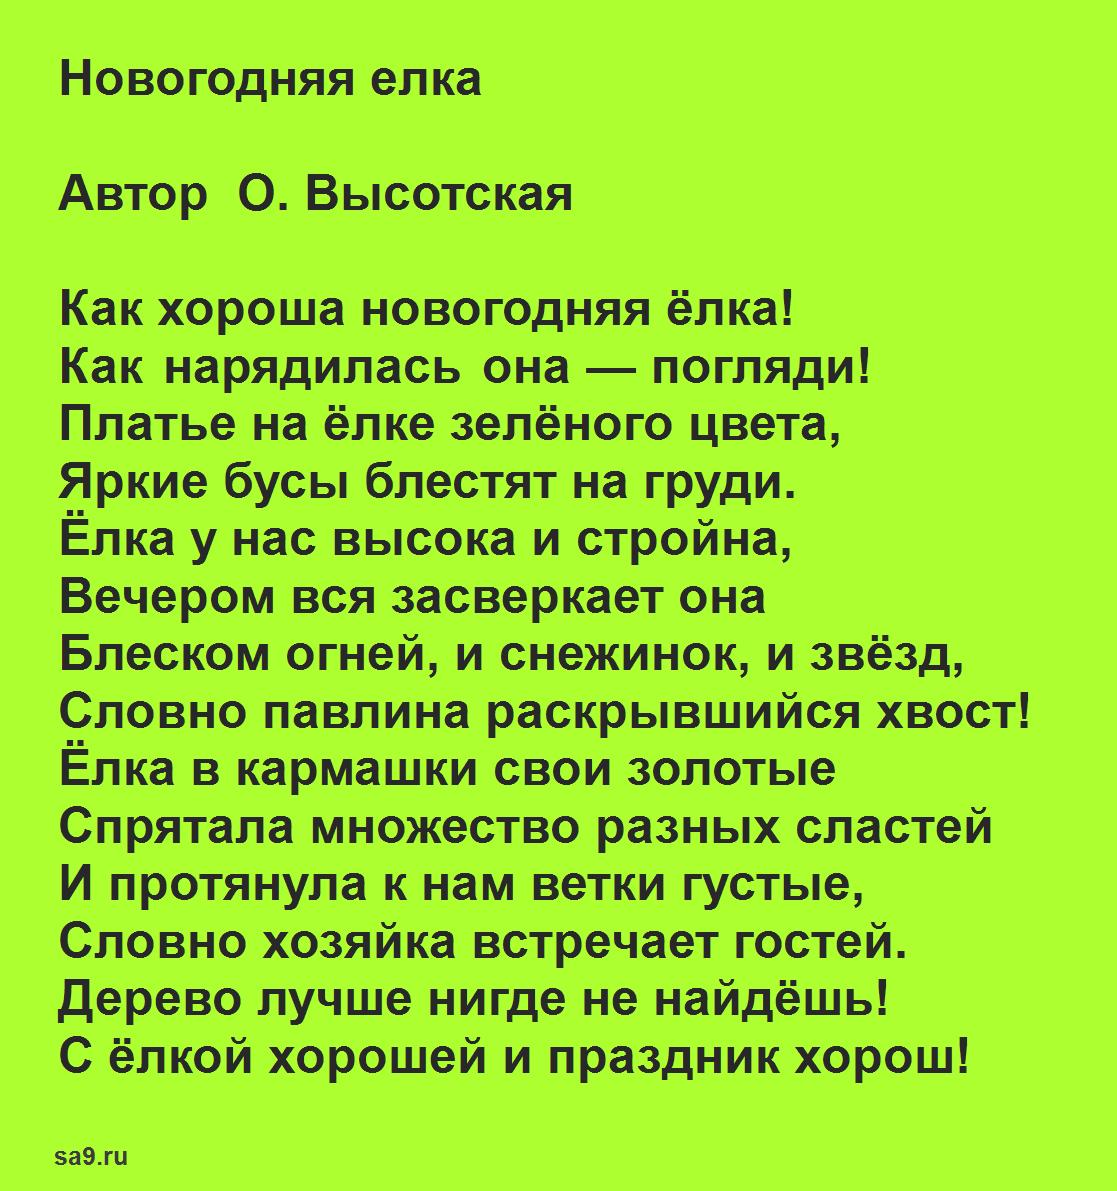 Стих про Новогоднюю елку для детей 6 лет